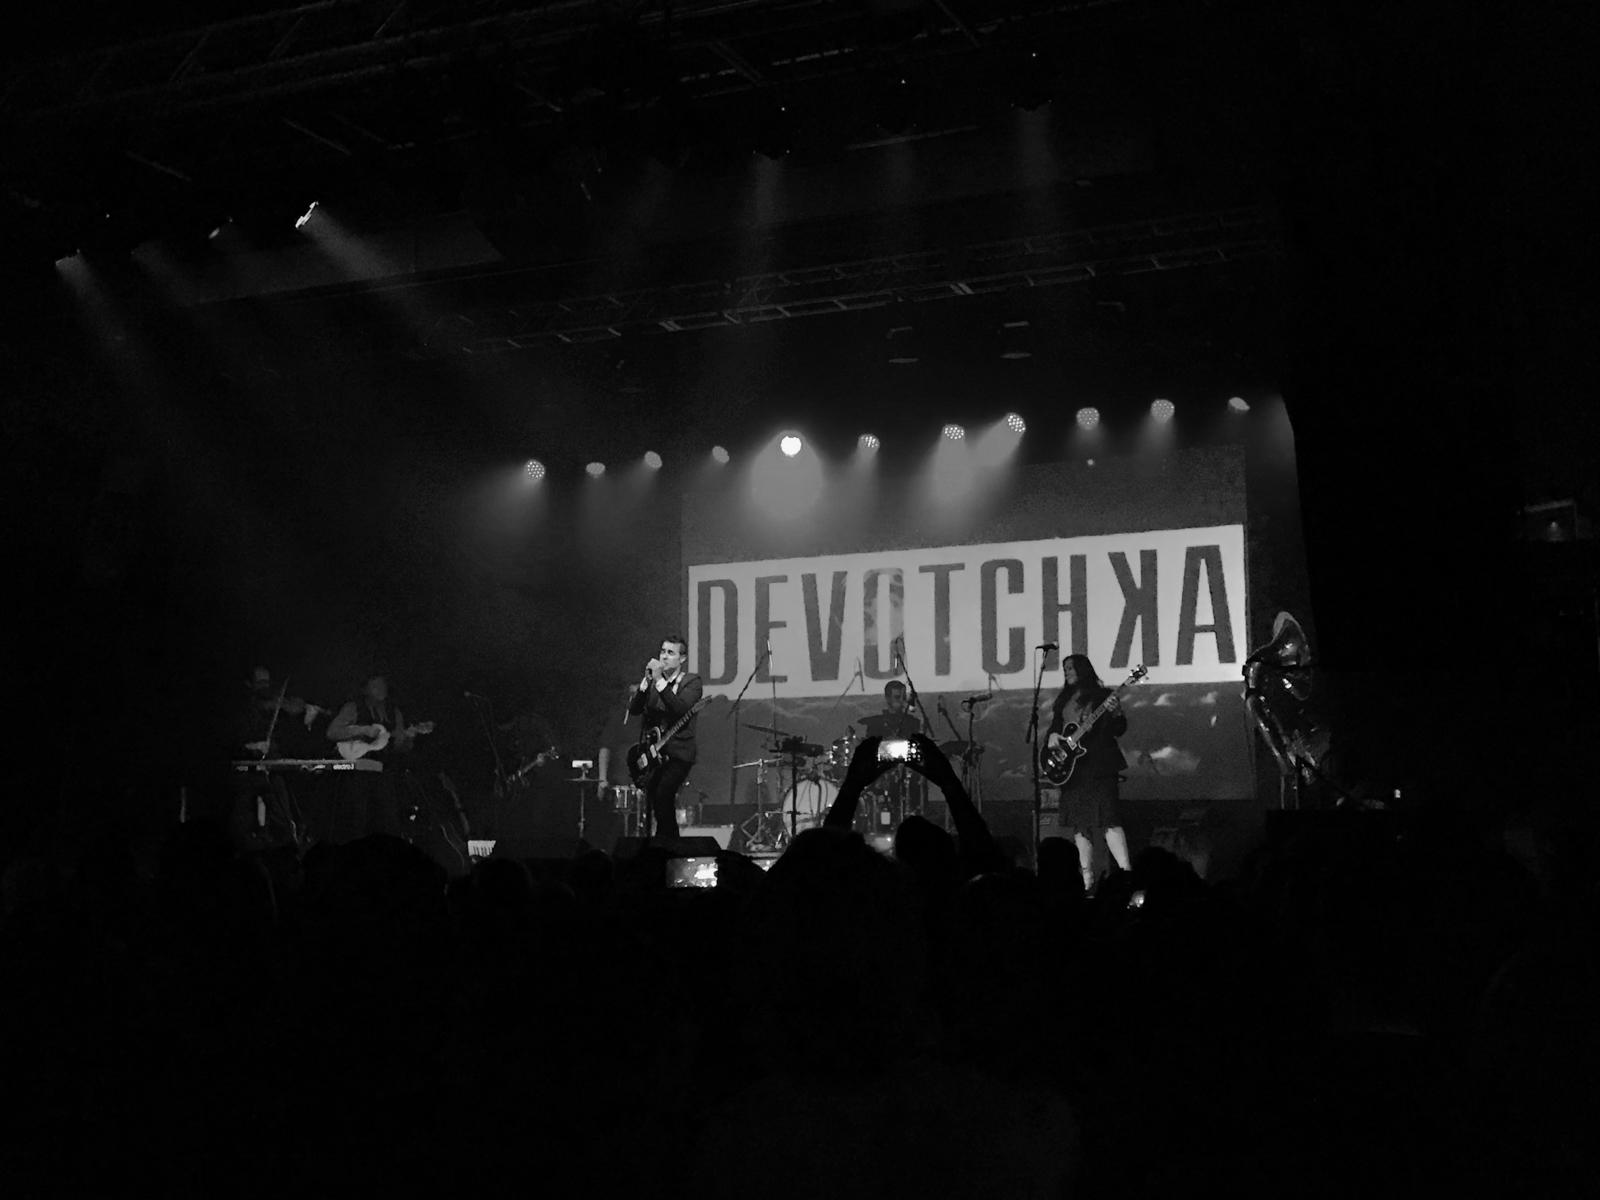 DeVotchka22